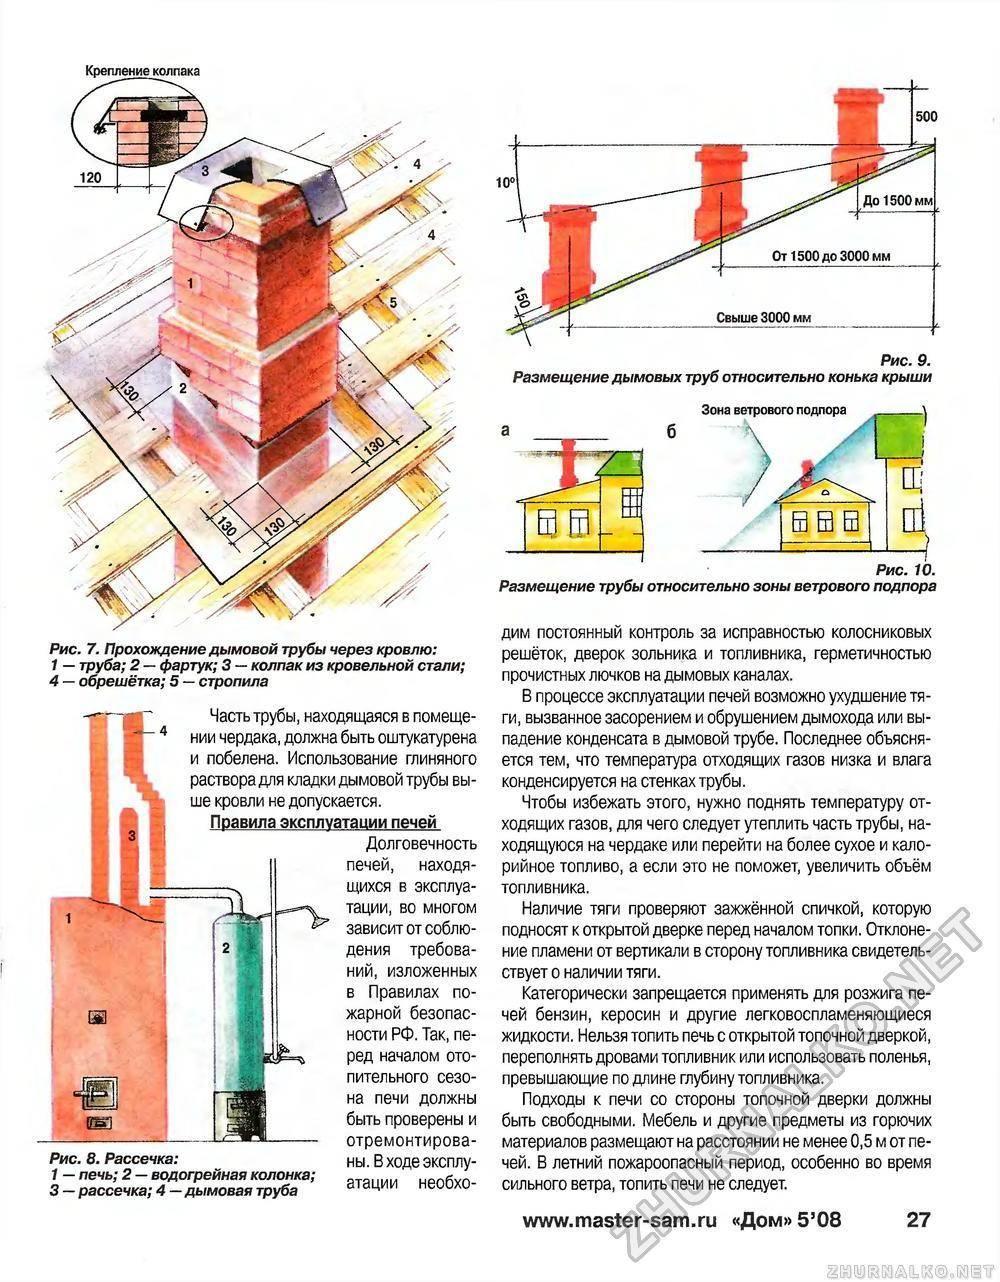 Что делать если нет тяги в дымоходе - восстановление функционирования дымохода